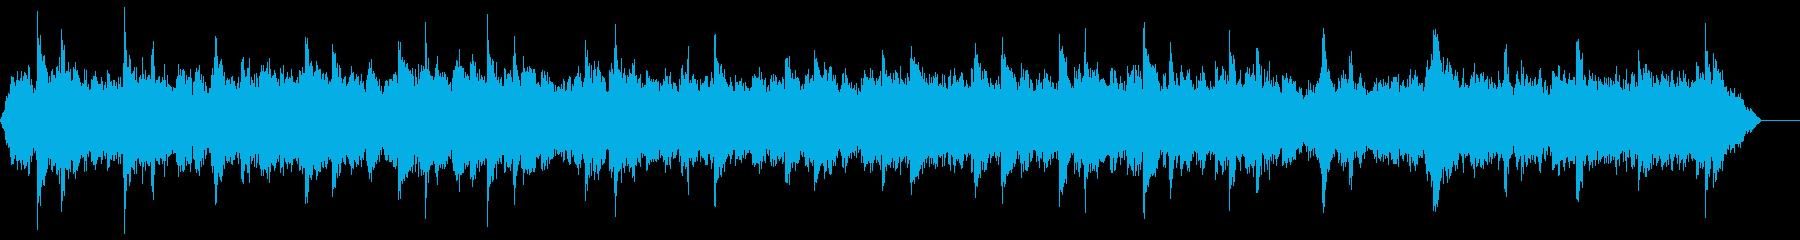 大聖堂の鐘の再生済みの波形